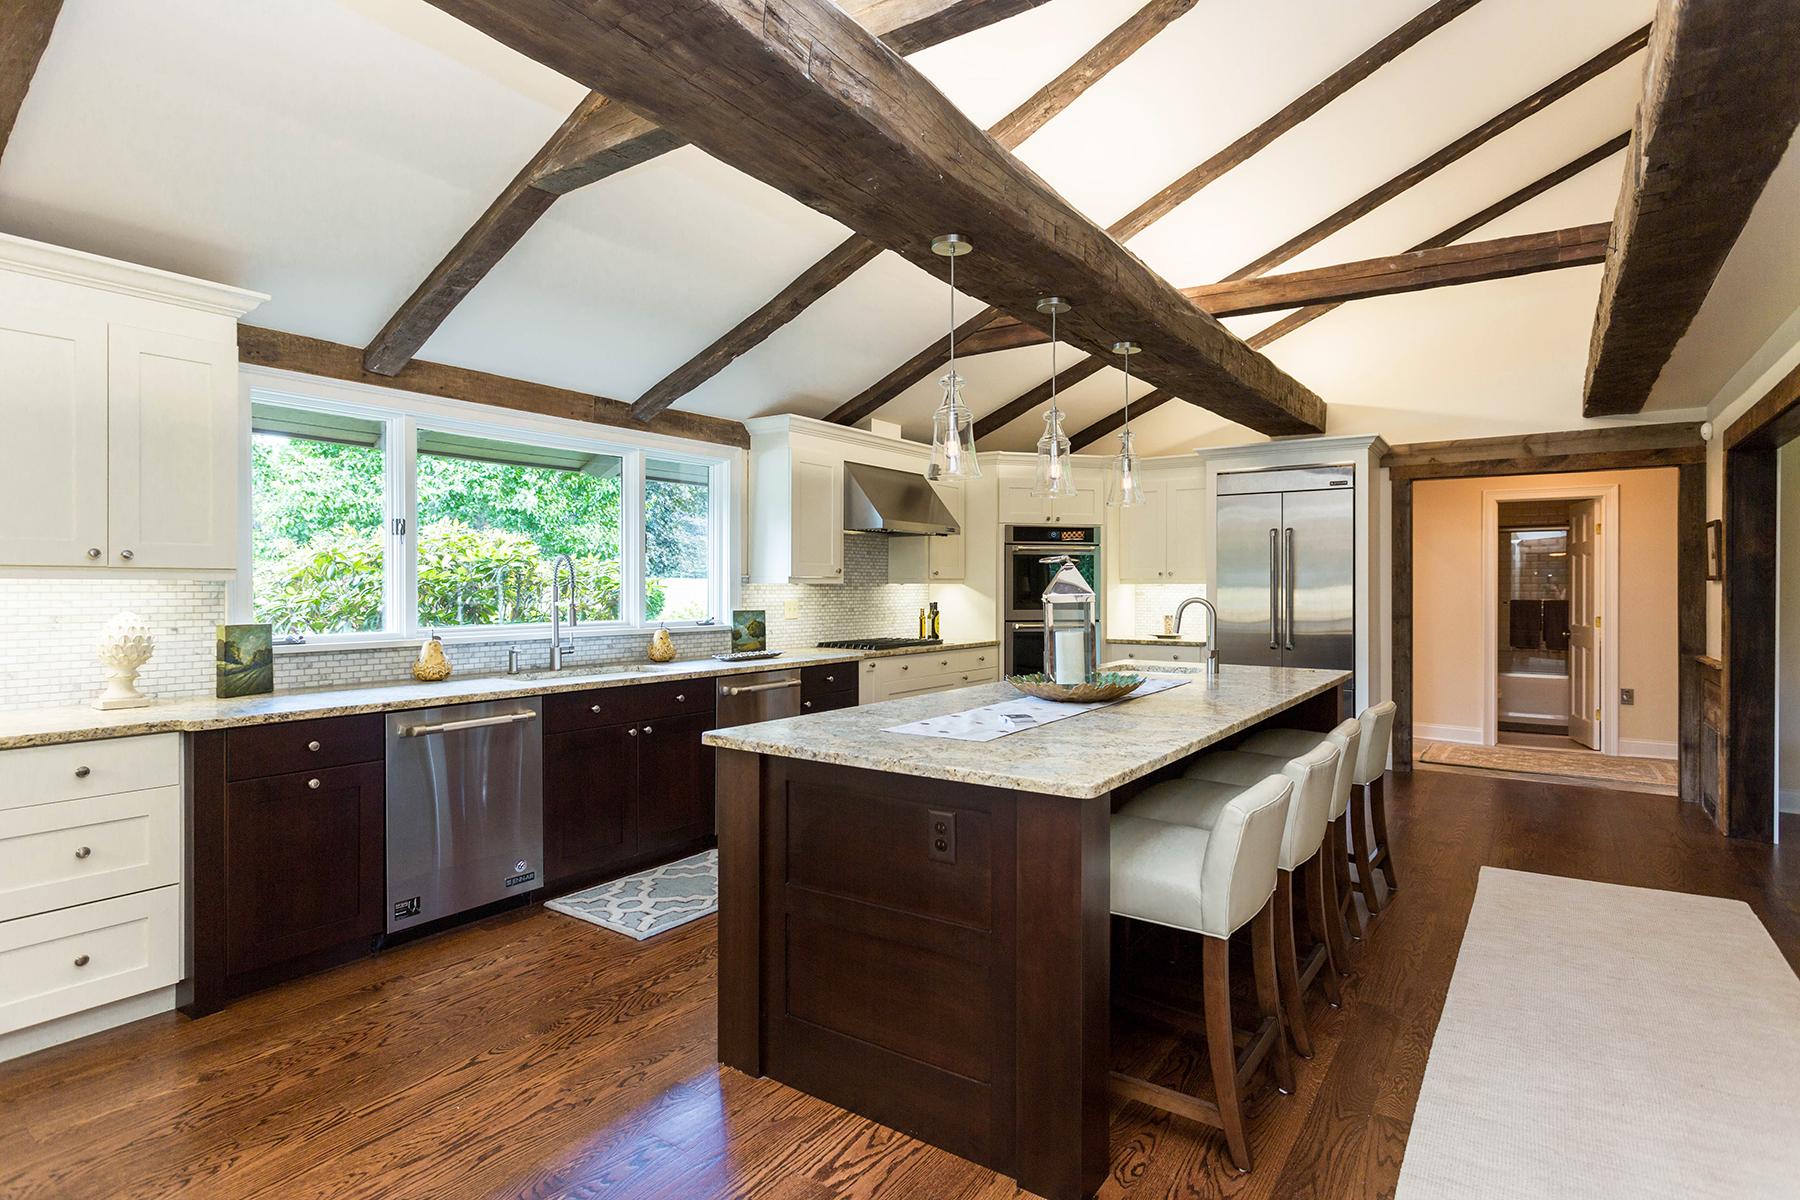 Частный односемейный дом для того Продажа на Private Oasis 382 Farm To Market Rd Clifton Park, Нью-Йорк 12065 Соединенные Штаты